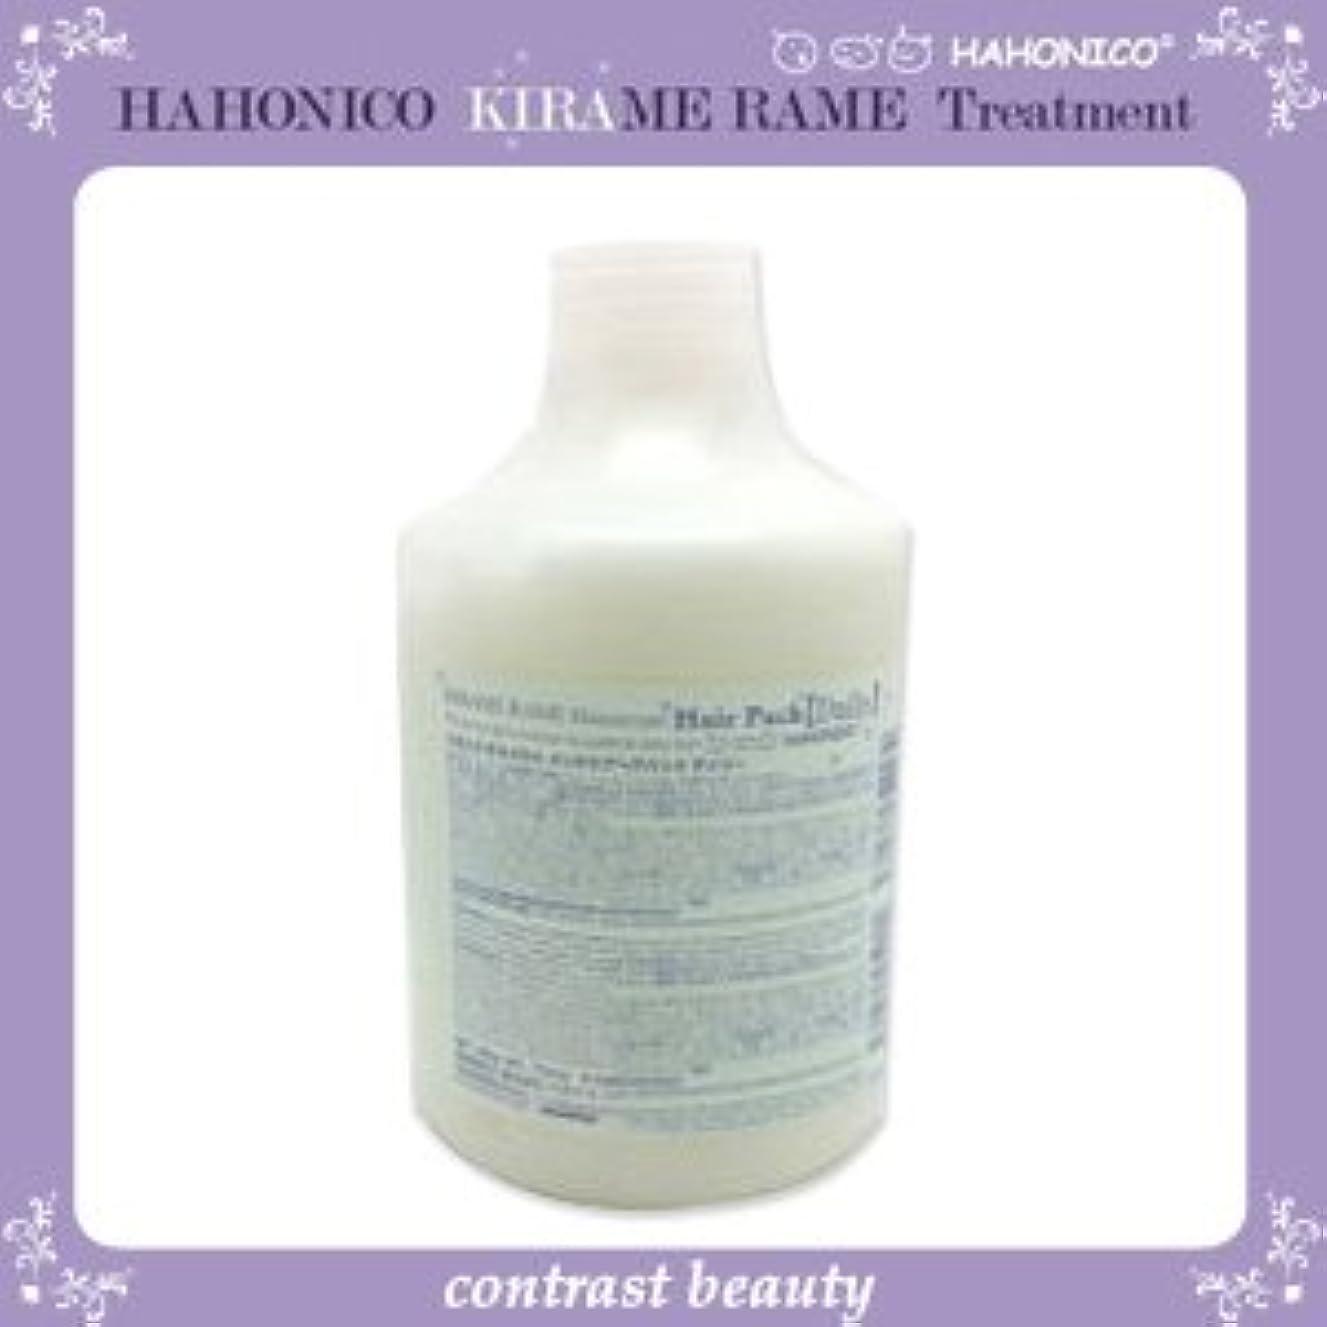 切り離すキノコ最少【X3個セット】 ハホニコ キラメラメ メンテケアヘアパックデイリー 500g KIRAME RAME HAHONICO